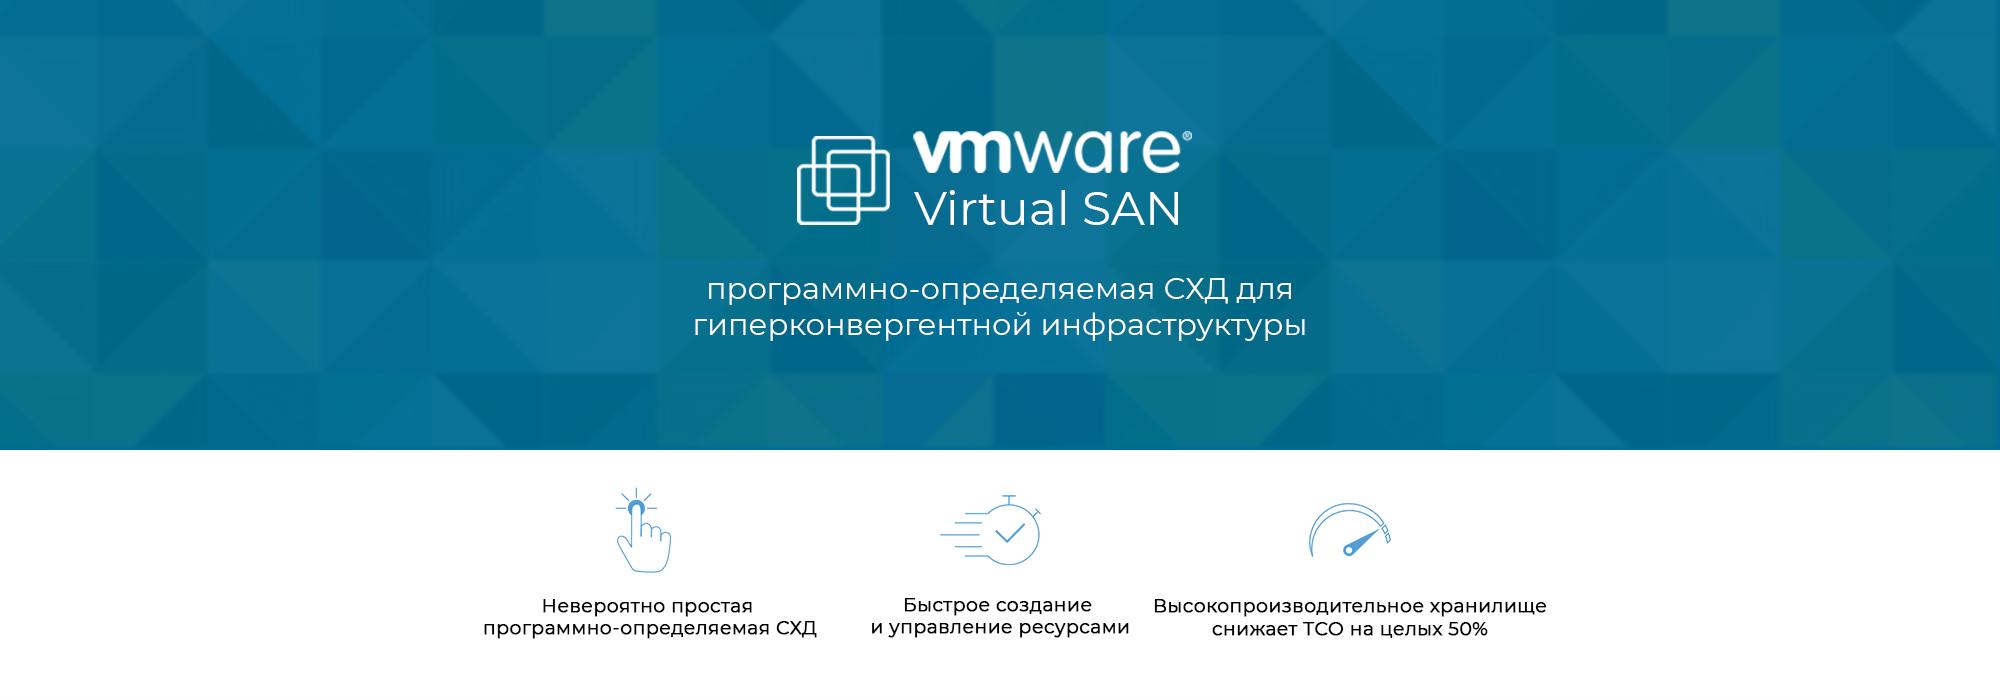 VMware-Virtual-SAN-программно-определяемая-систеа-хранения-данных-для-HCI